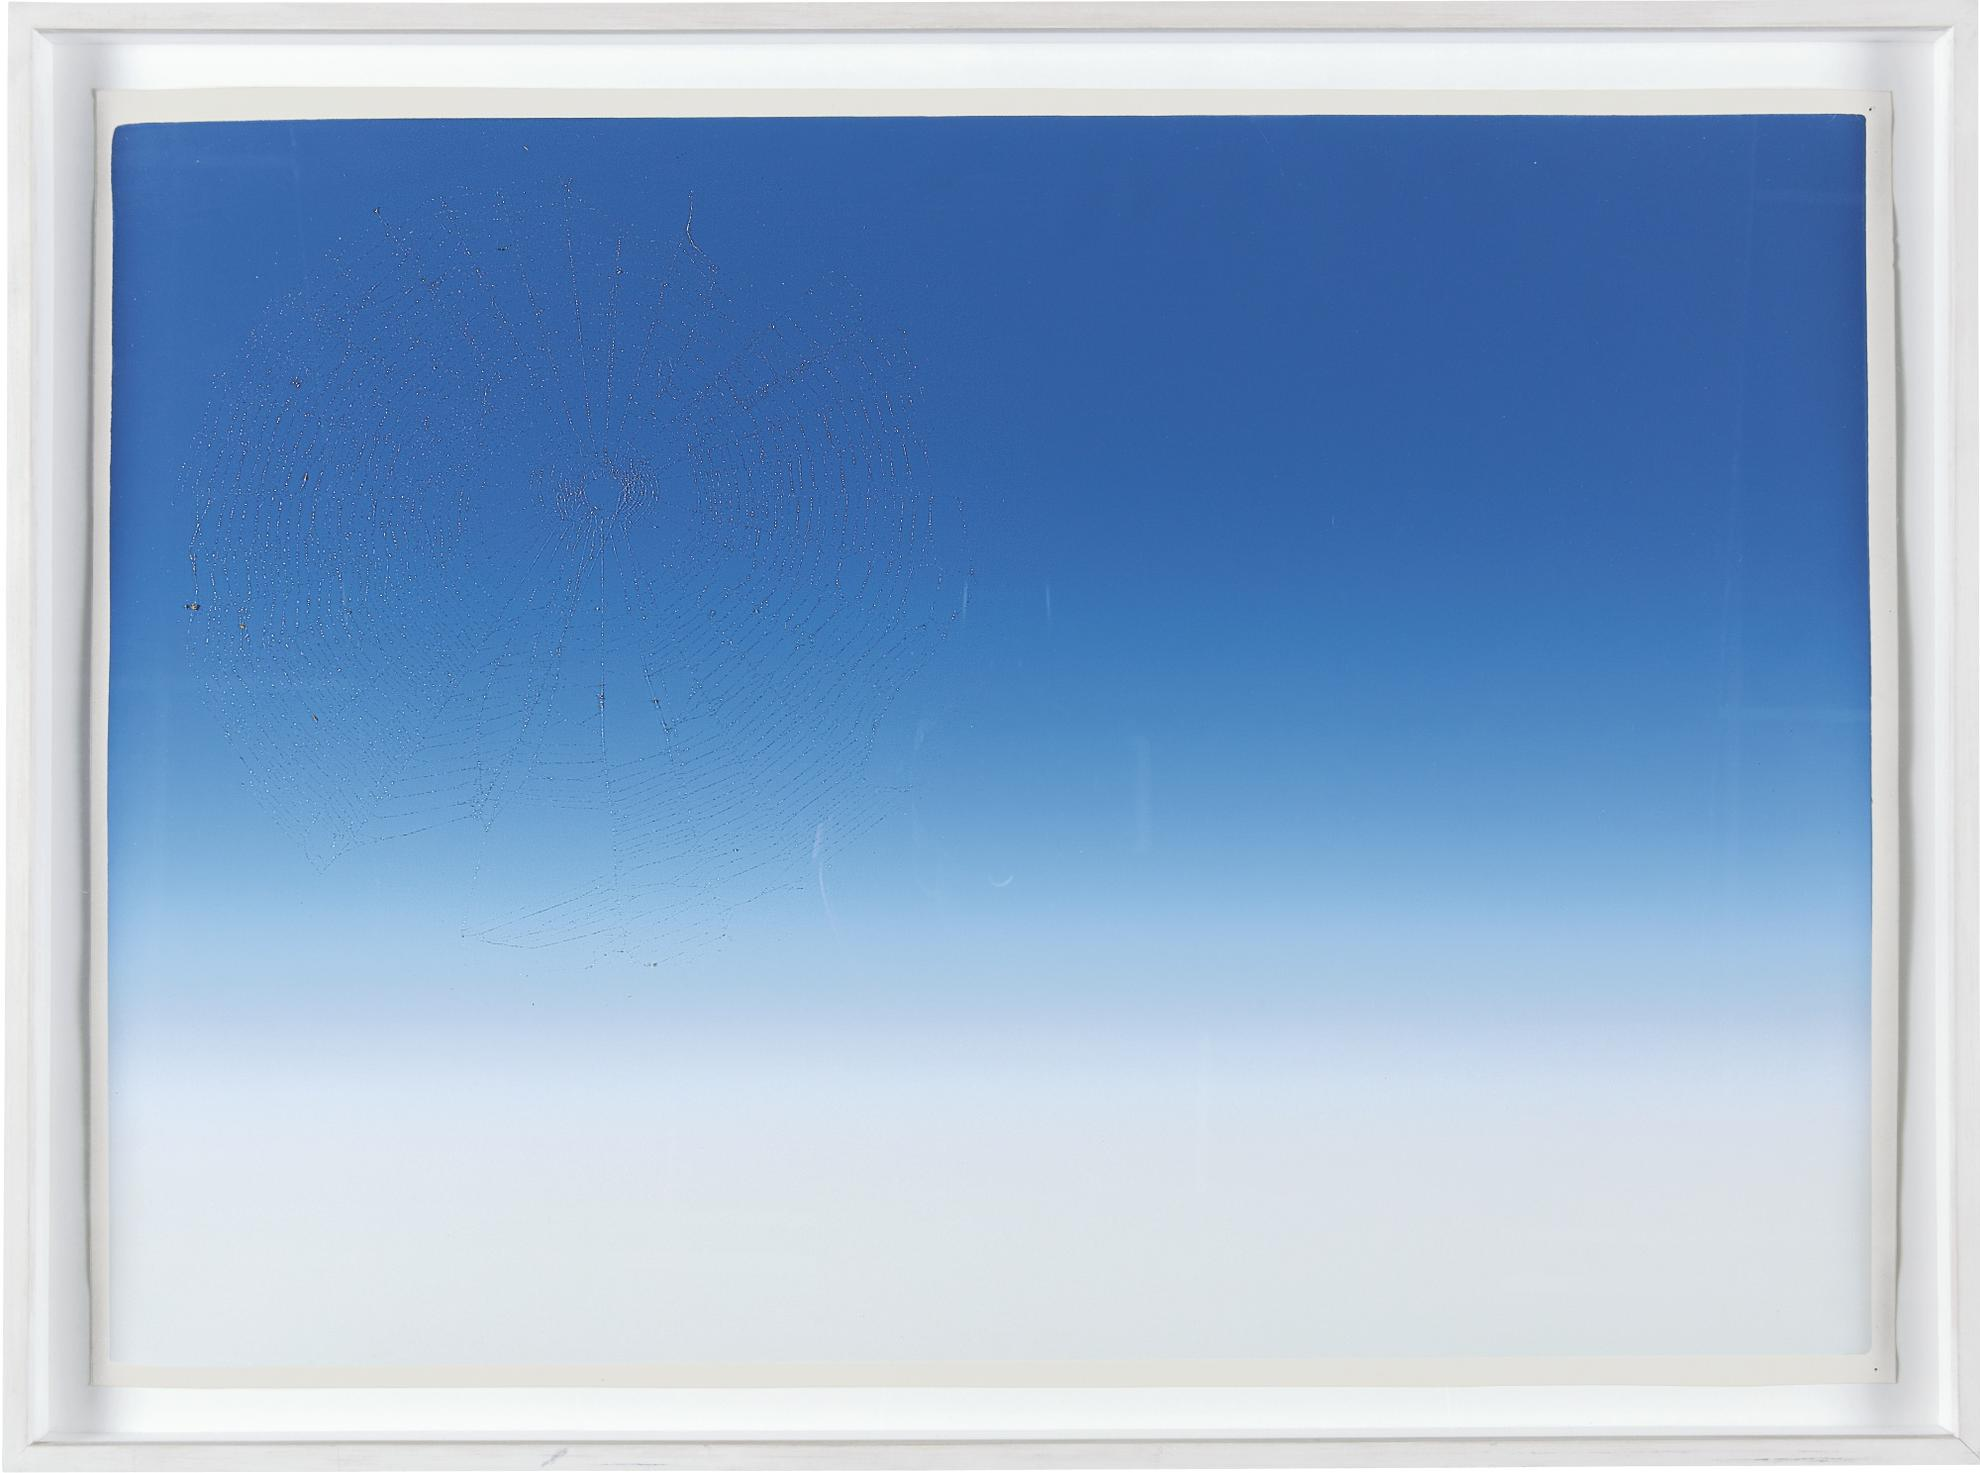 Pae White-Web Sampler 2000 (#3)-2000